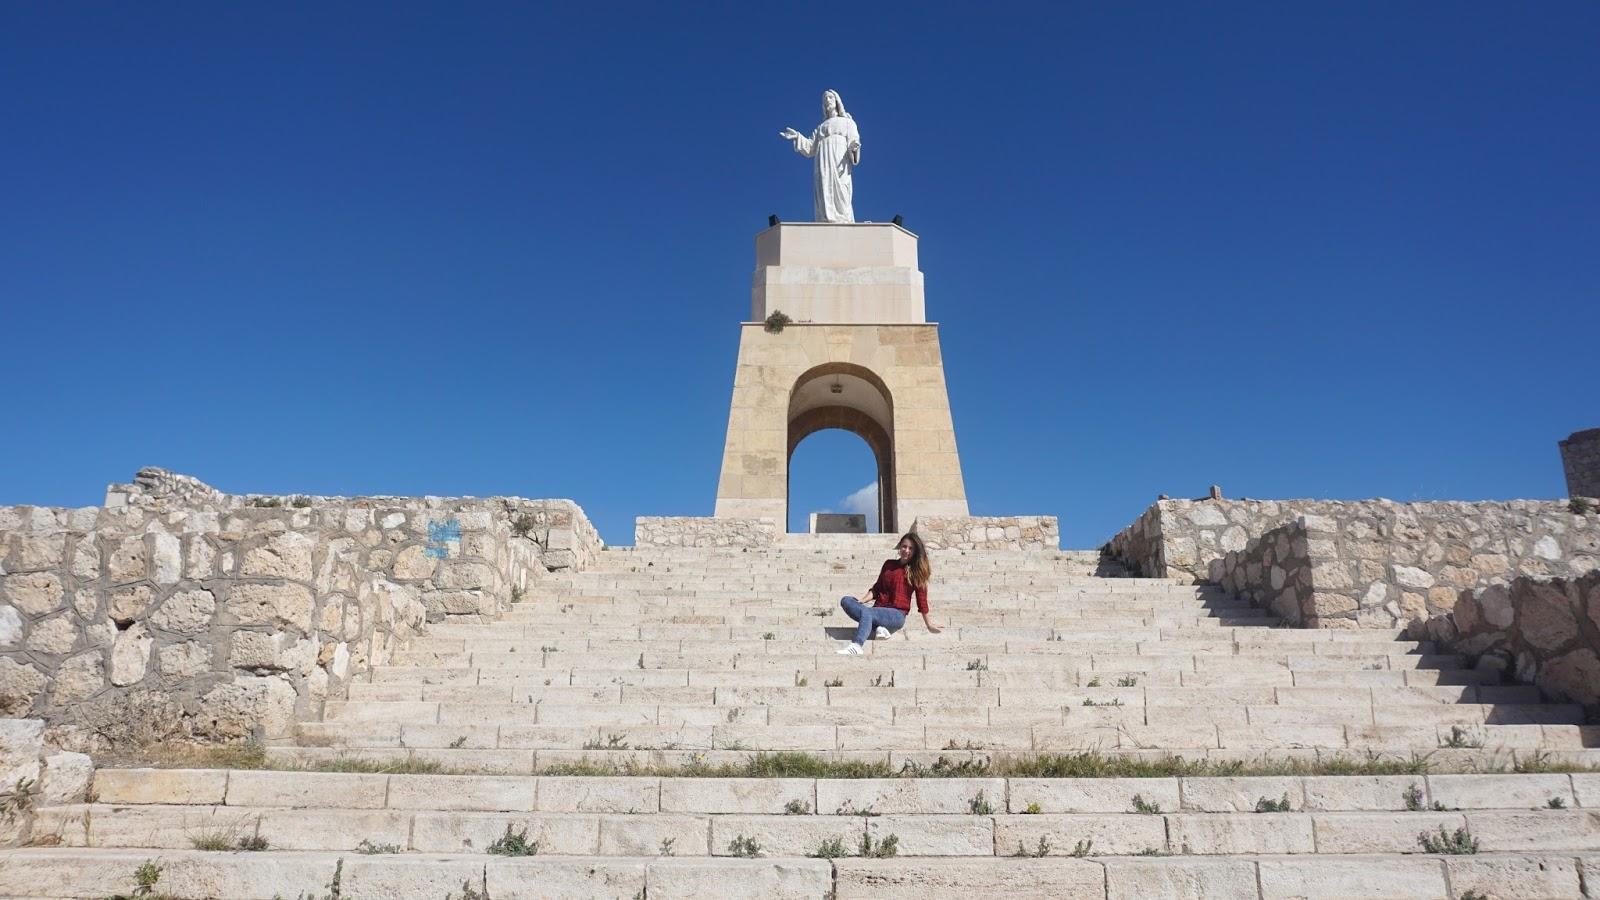 pomnik Jezusa w Almerii, Hiszpania, atrakcje Hiszpanii, Almeria